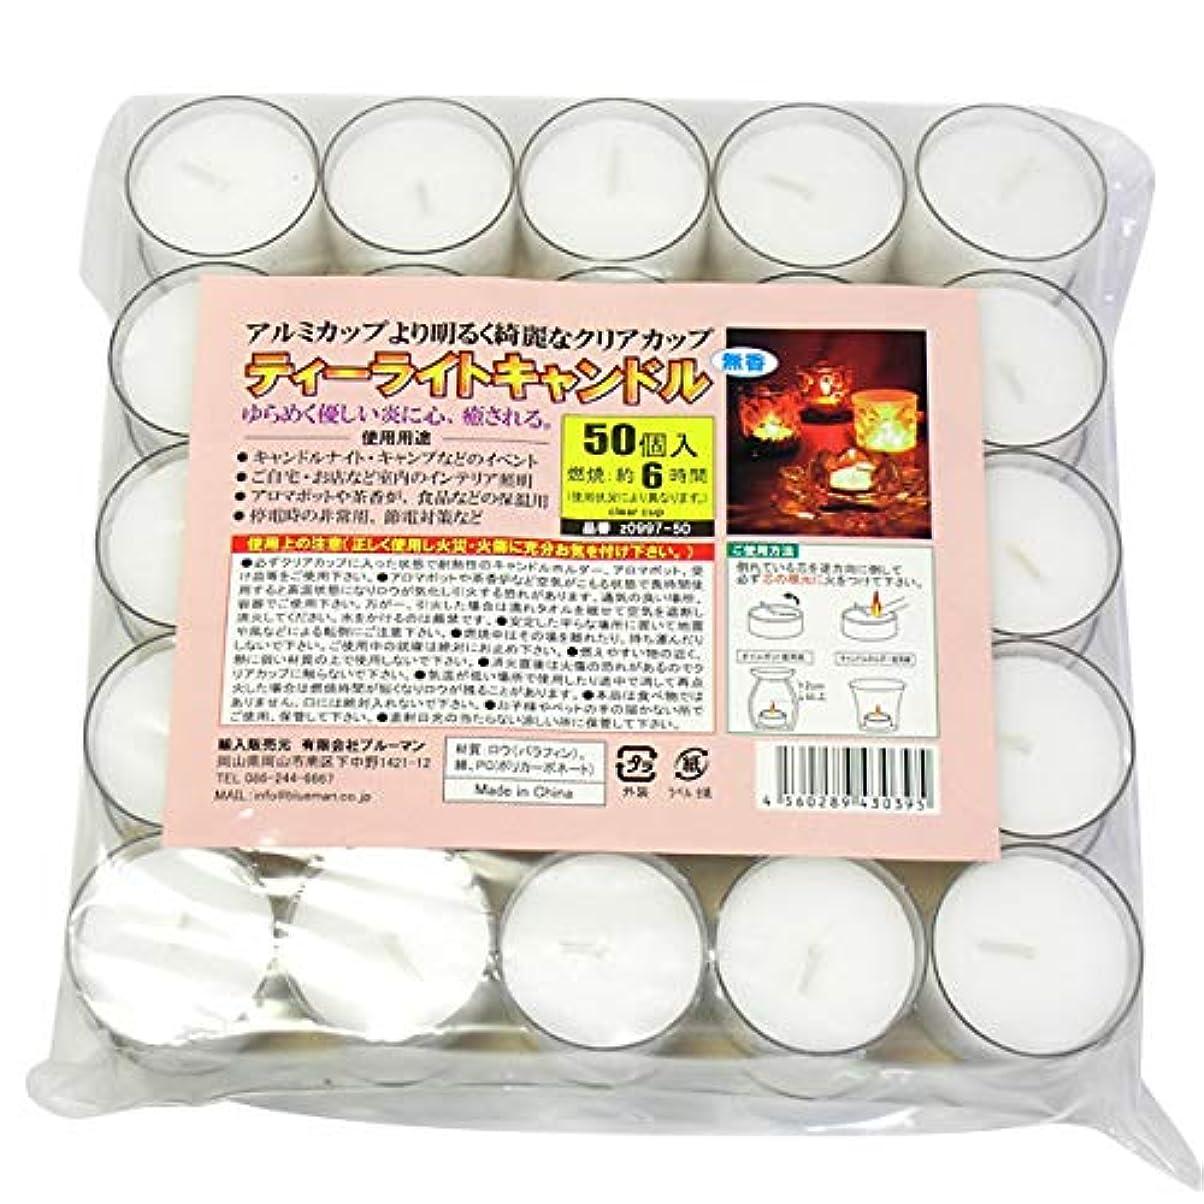 自慢肉ミネラルティーライトキャンドル クリアカップ 燃焼 約6時間 500個 ティーキャンドル ロウソク ろうそく